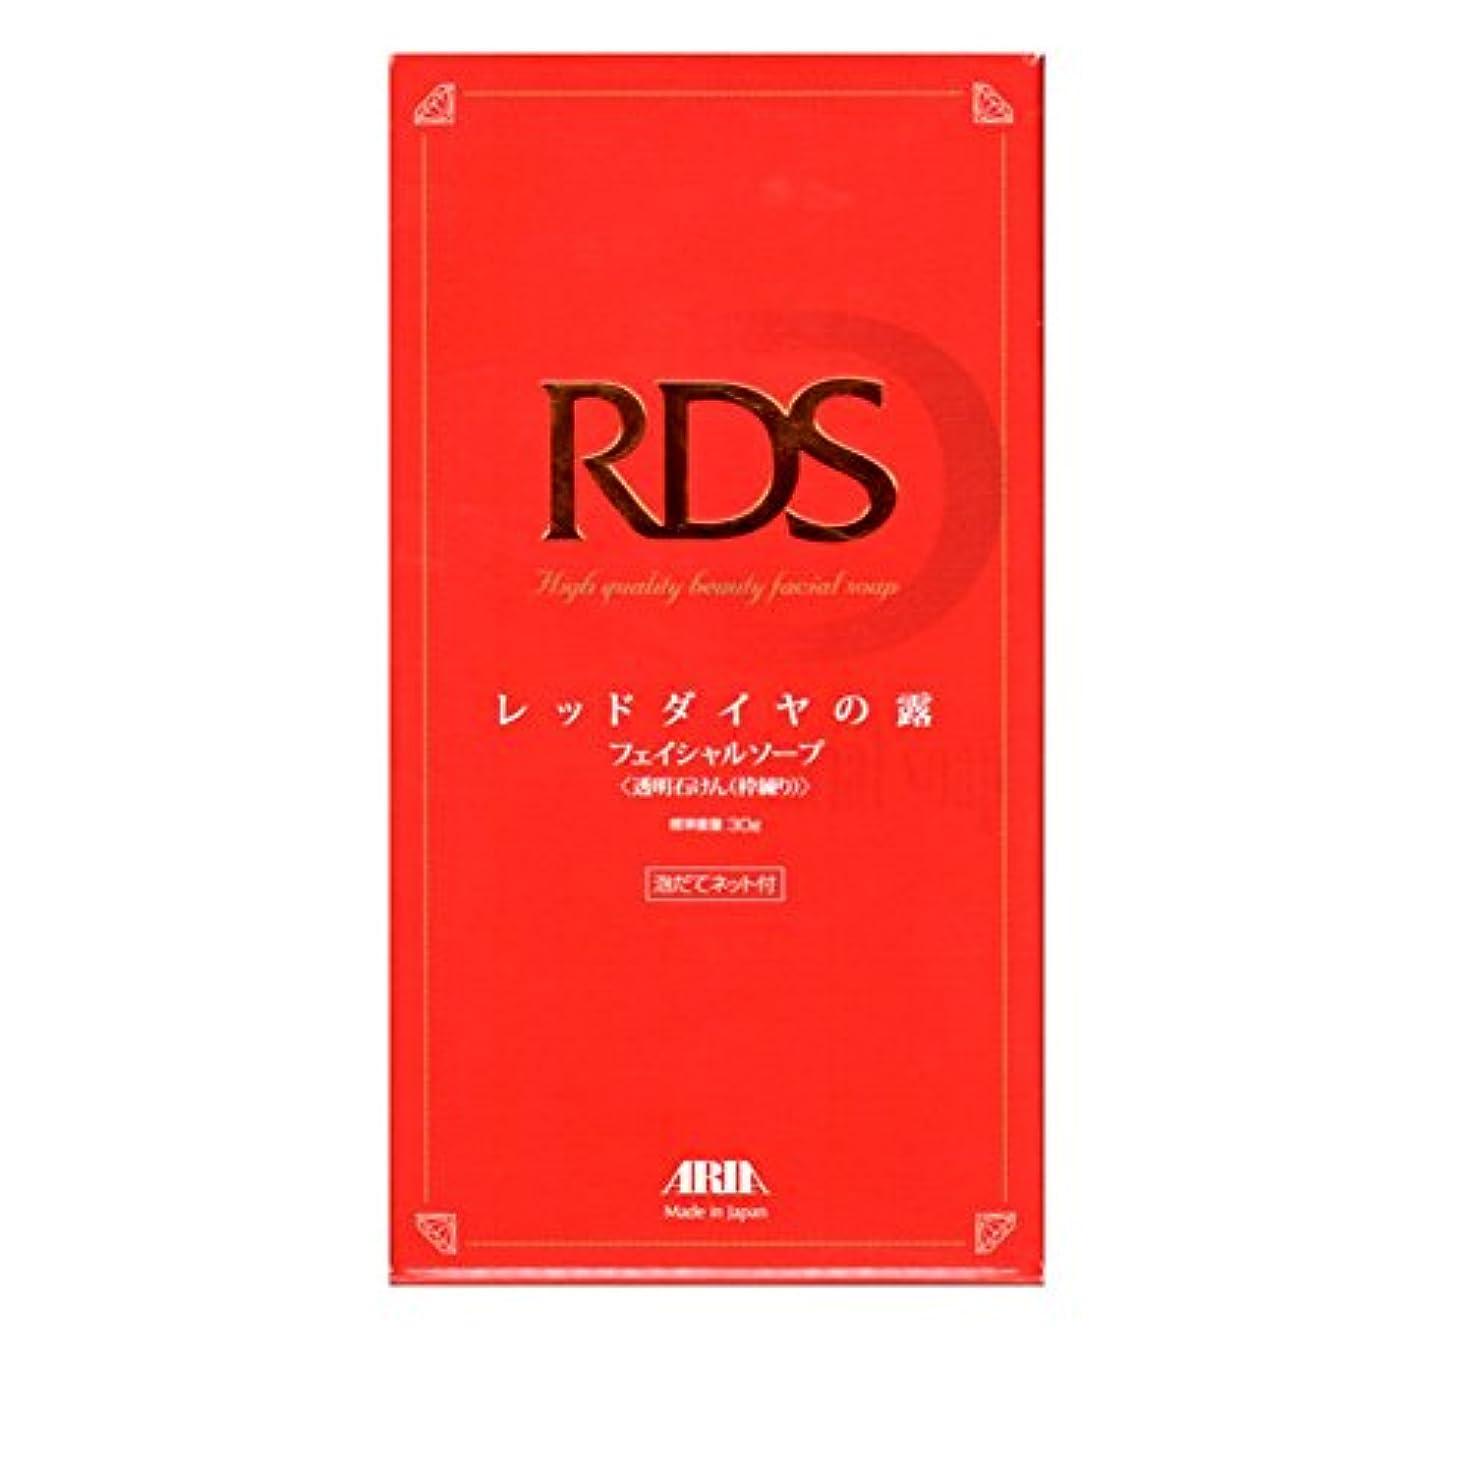 領事館がんばり続けるゆりかごレッドダイヤの露 フェイシャルソープ 洗顔 石鹸 日本製